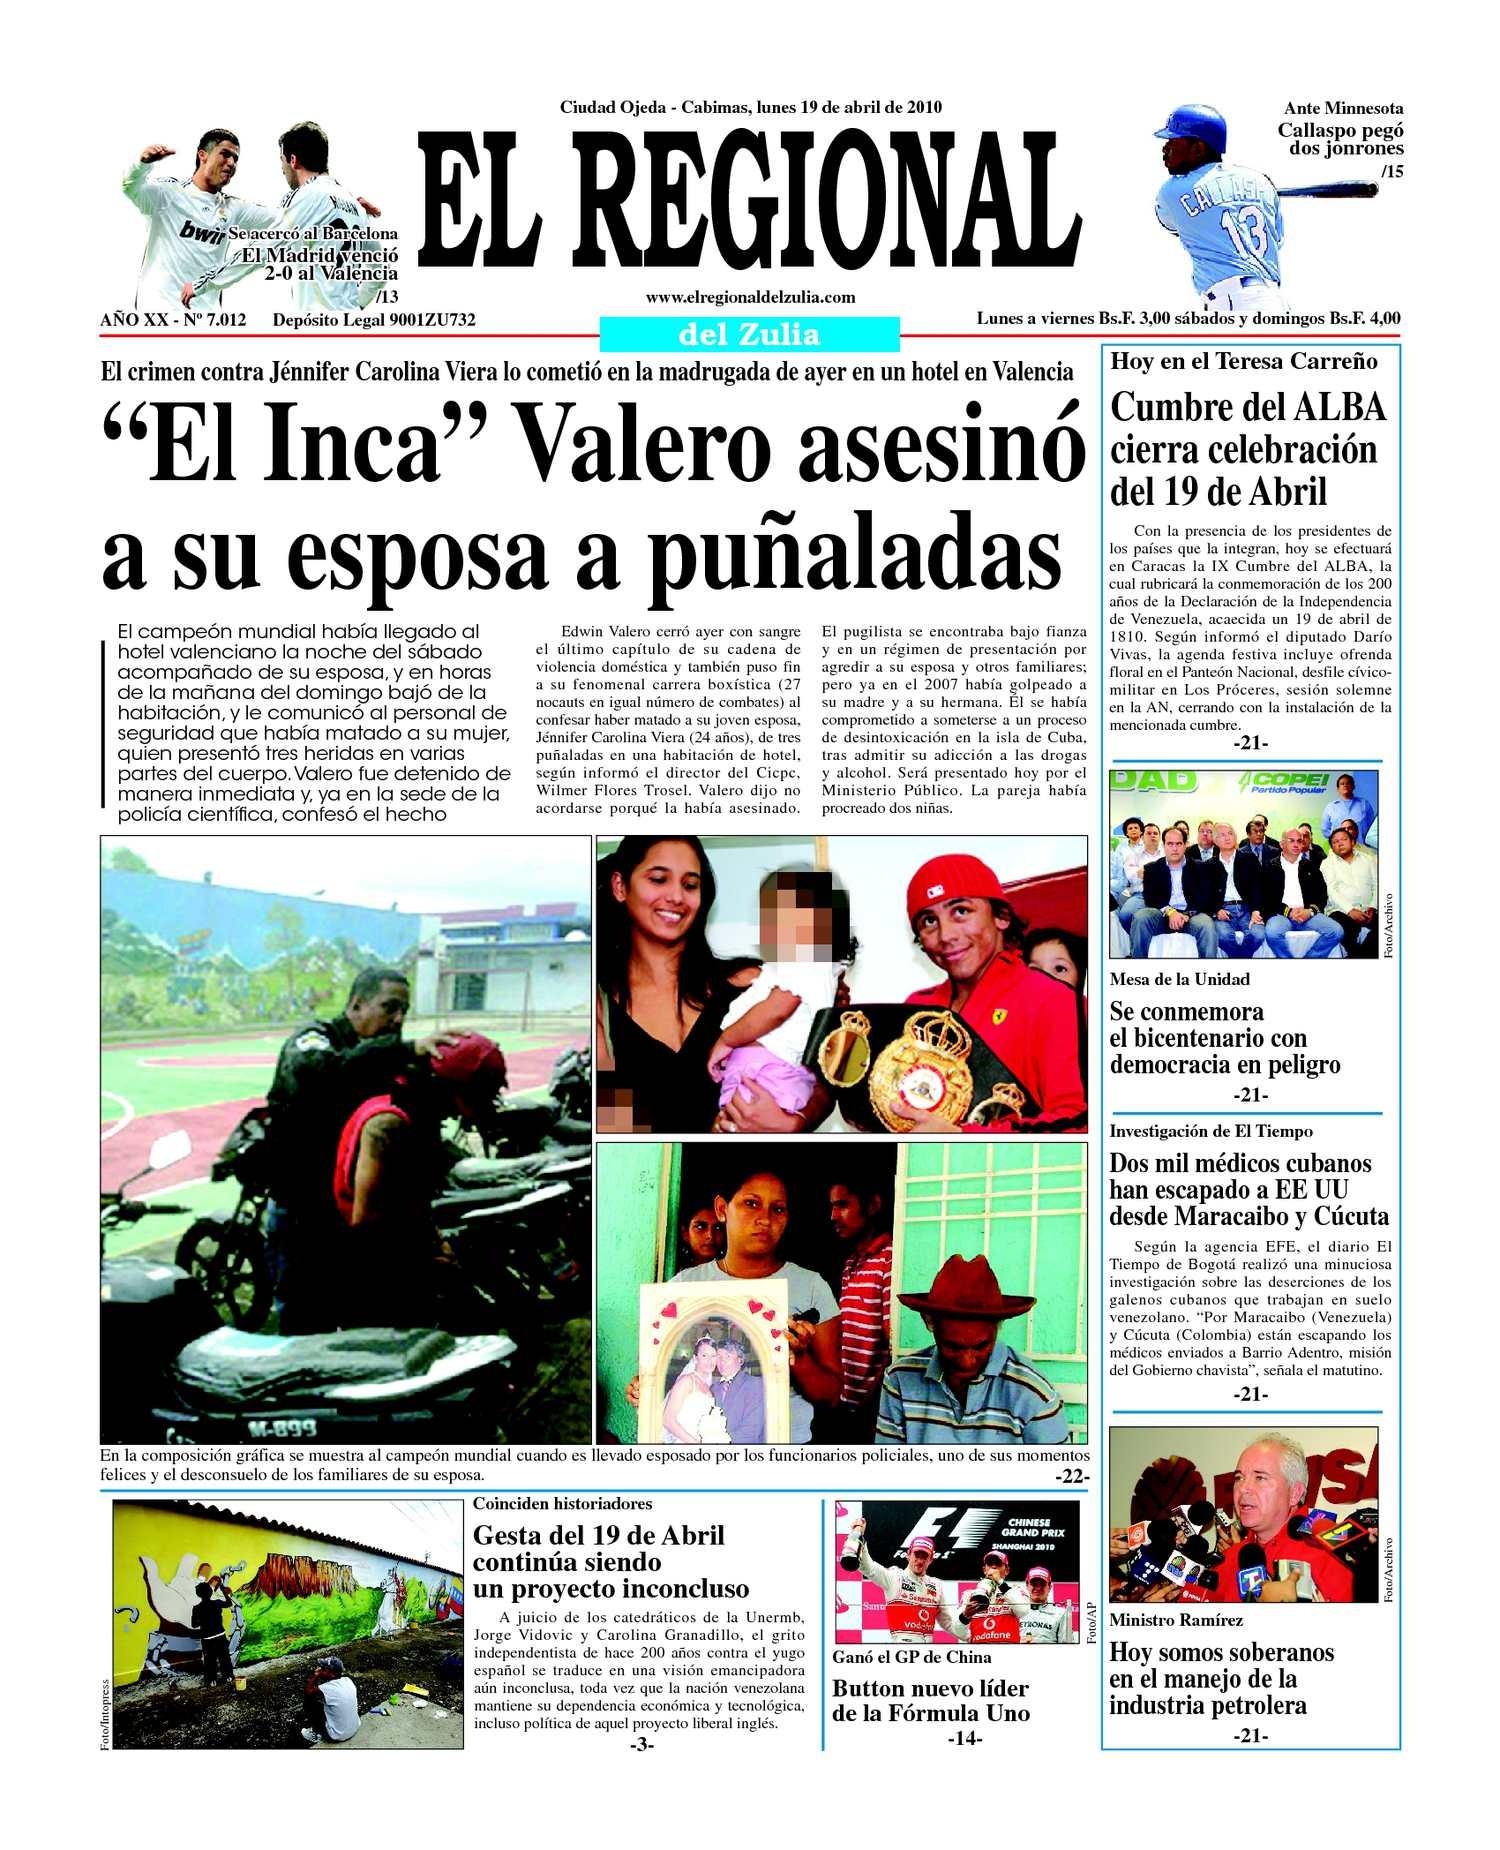 El Regional del Zulia 19-04-2010